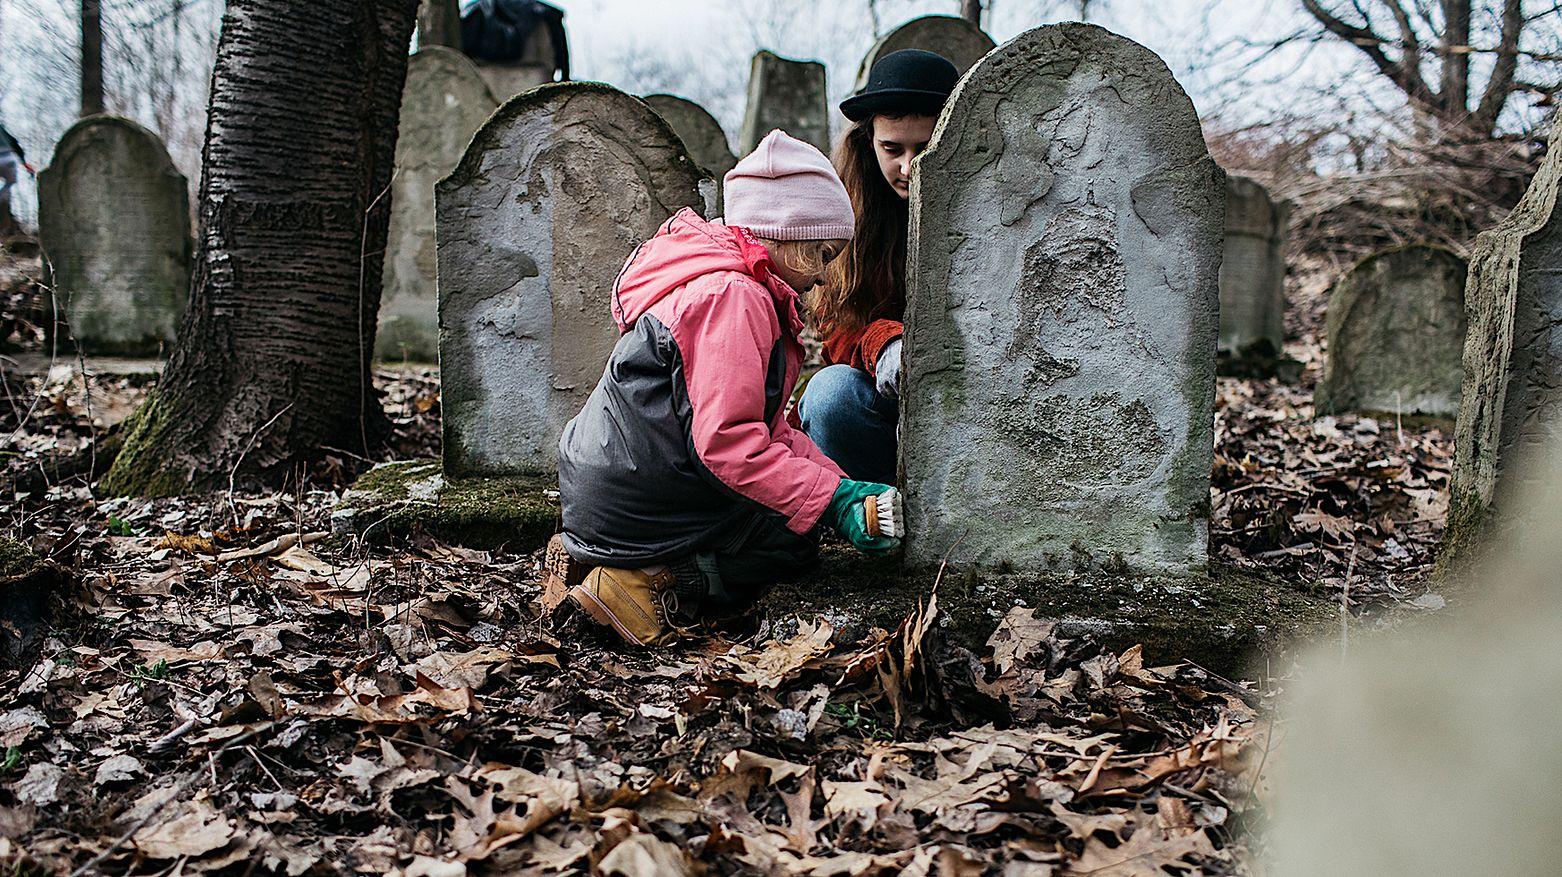 Grupa mieszkańców postanowiła, że posprząta żydowski cmentarz. Nekropolia była zaniedbana od lat